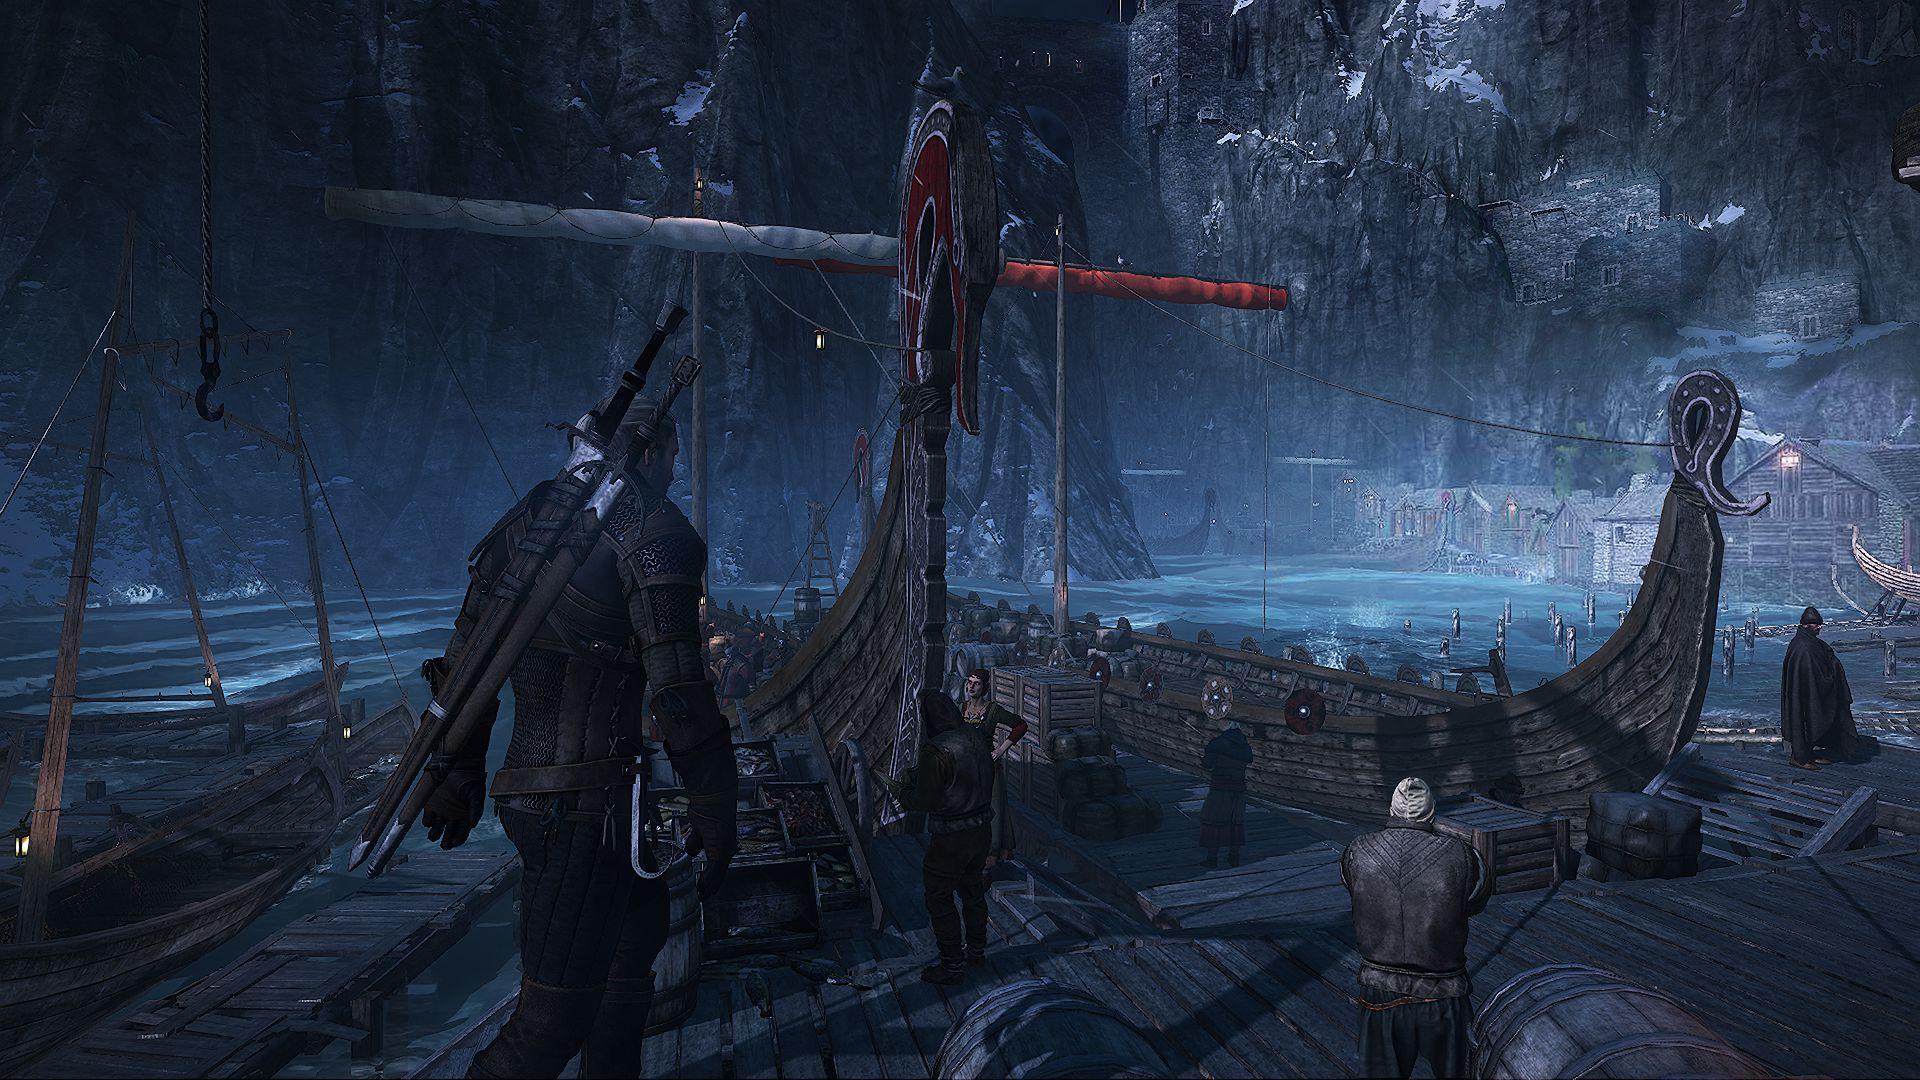 the_witcher_3_wild_hunt_docks_1402422240